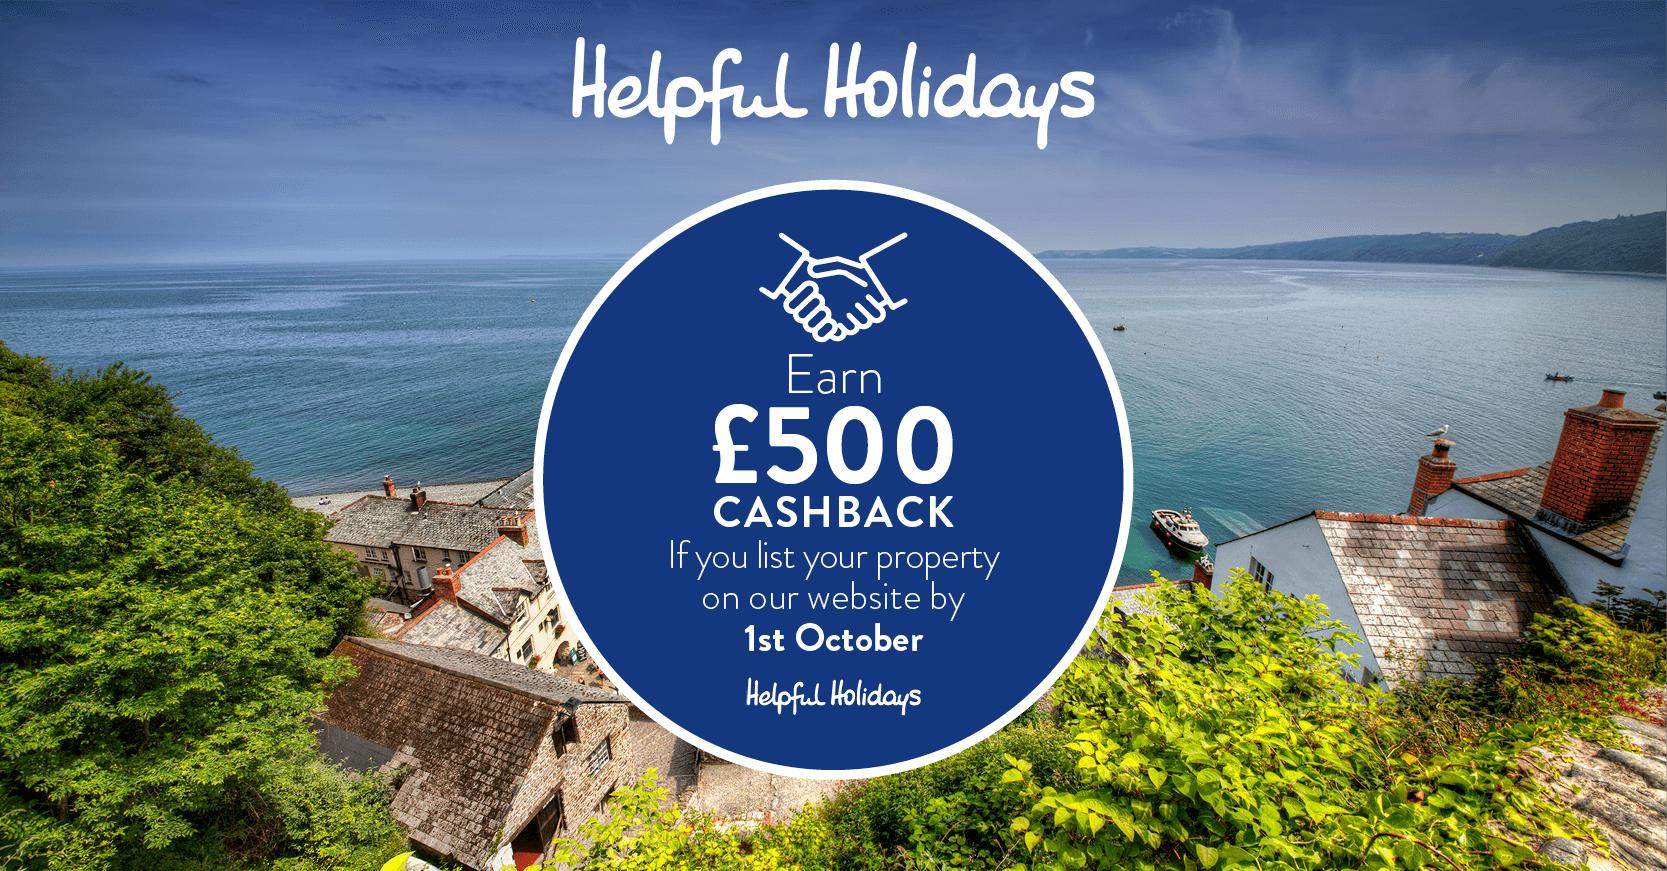 Helpful Holidays £500 cashback owner offer